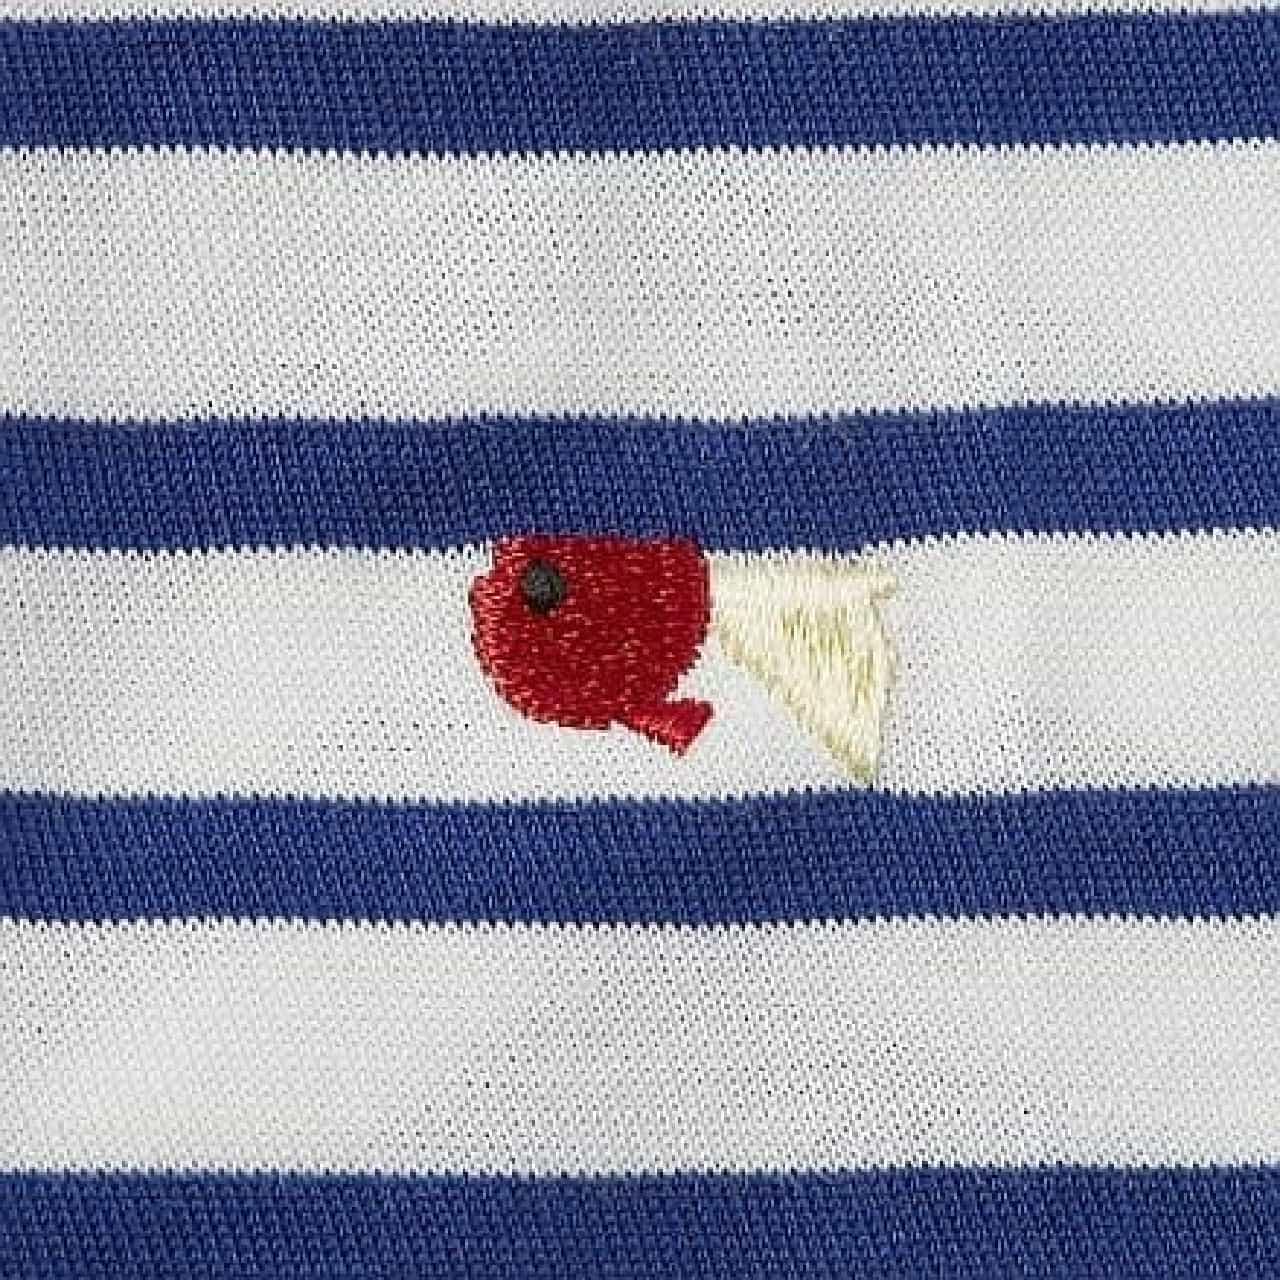 サクラクレパス「ワンポイント刺繍ボーダーカットソー」